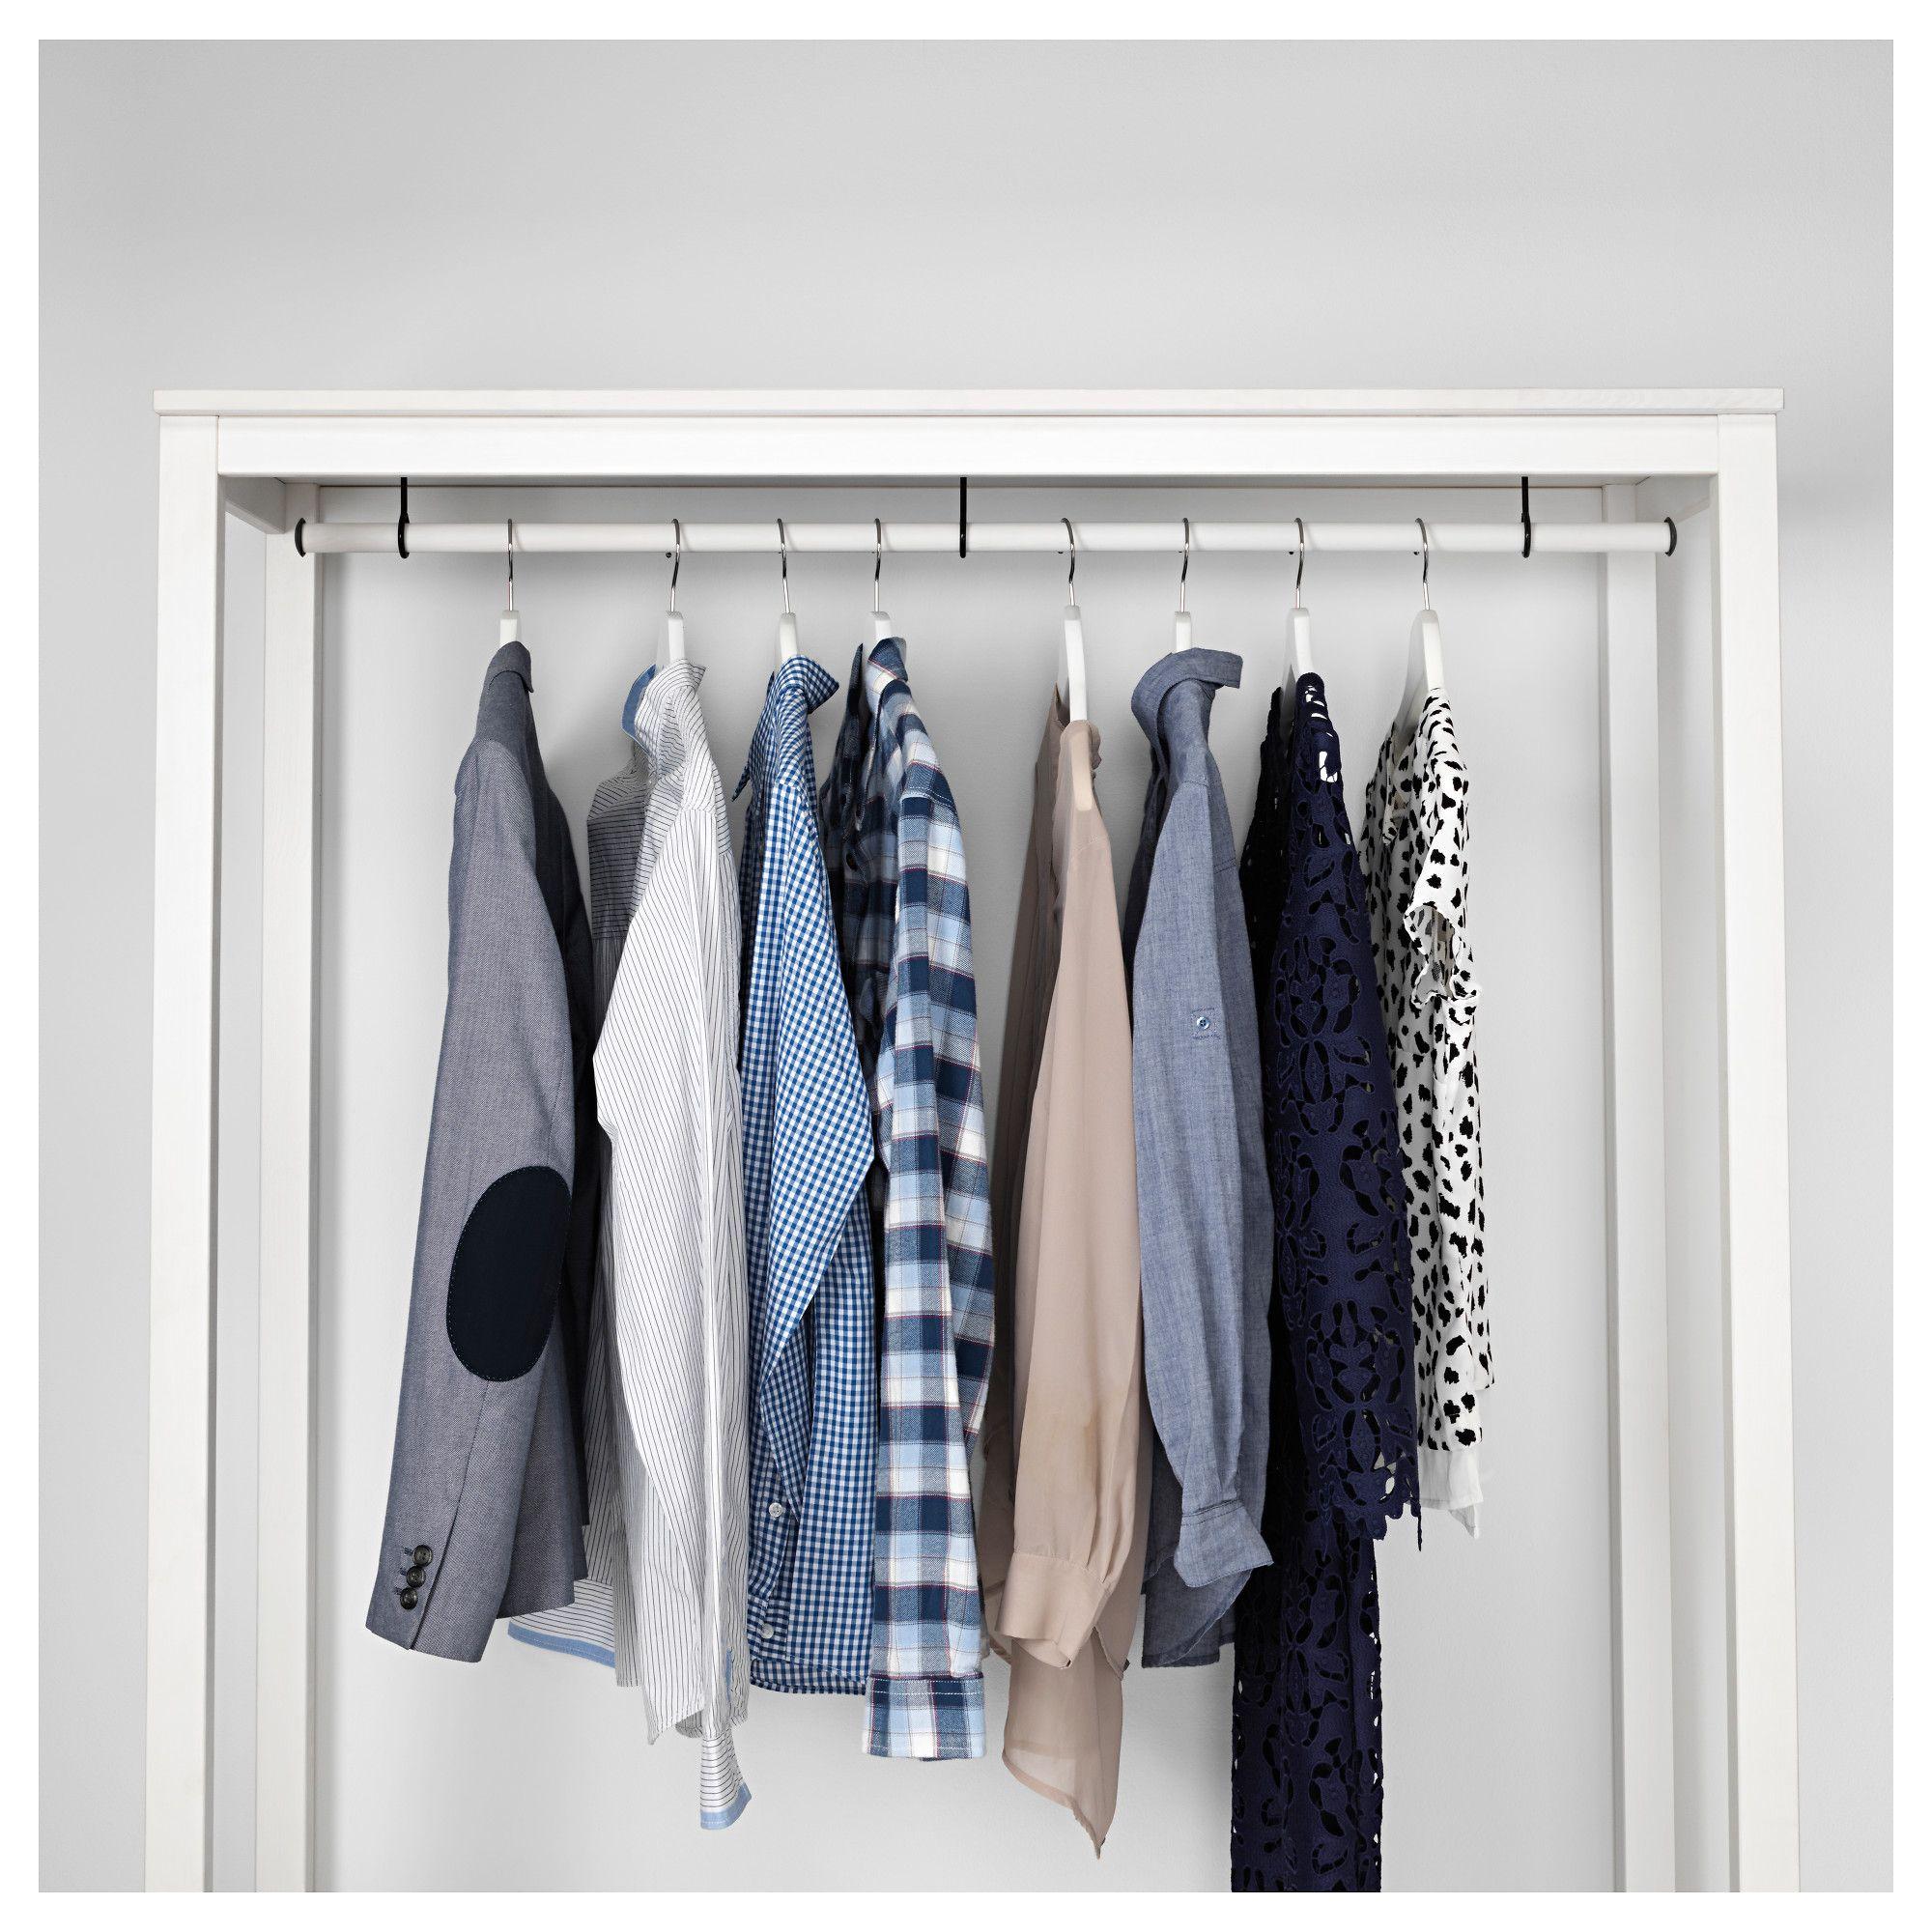 Hemnes Kleiderschrank Offen Weiss Las Ikea Osterreich Hemnes Kleiderschrank Offene Garderobe Und Ikea Hemnes Kleiderschrank